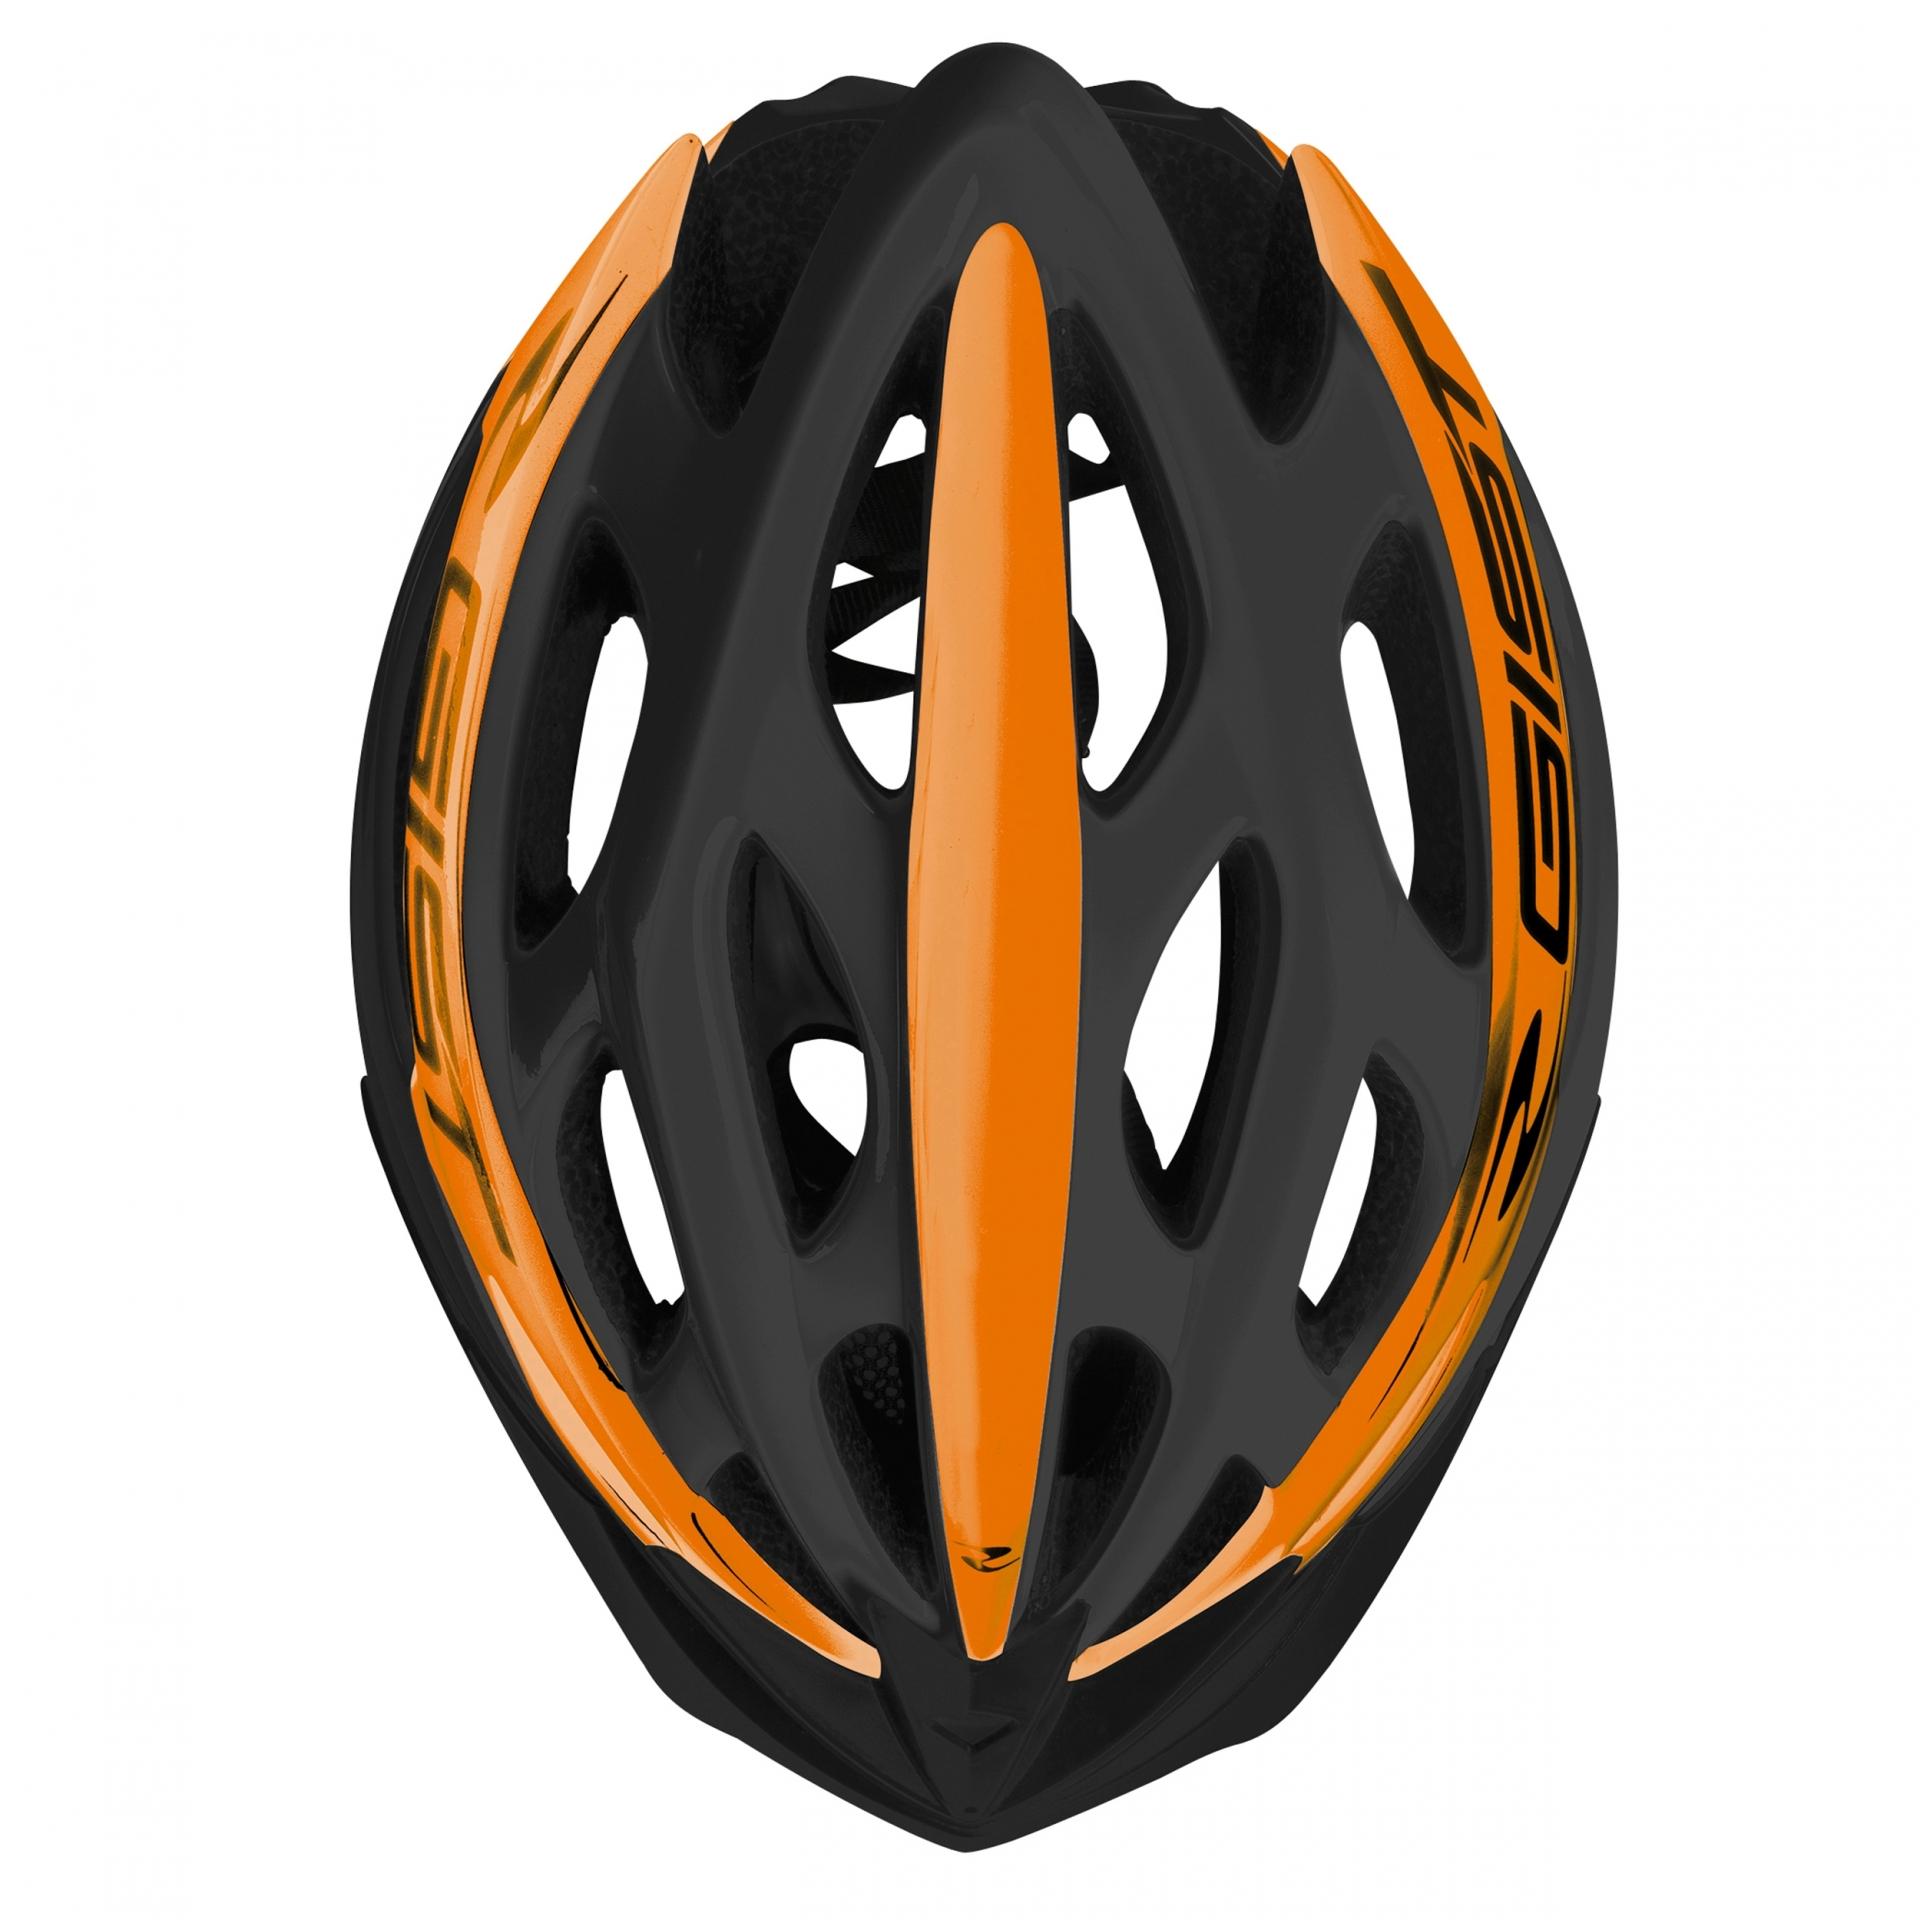 Casque Vélo GIST Faster Noir/Orange - 52-58 cm